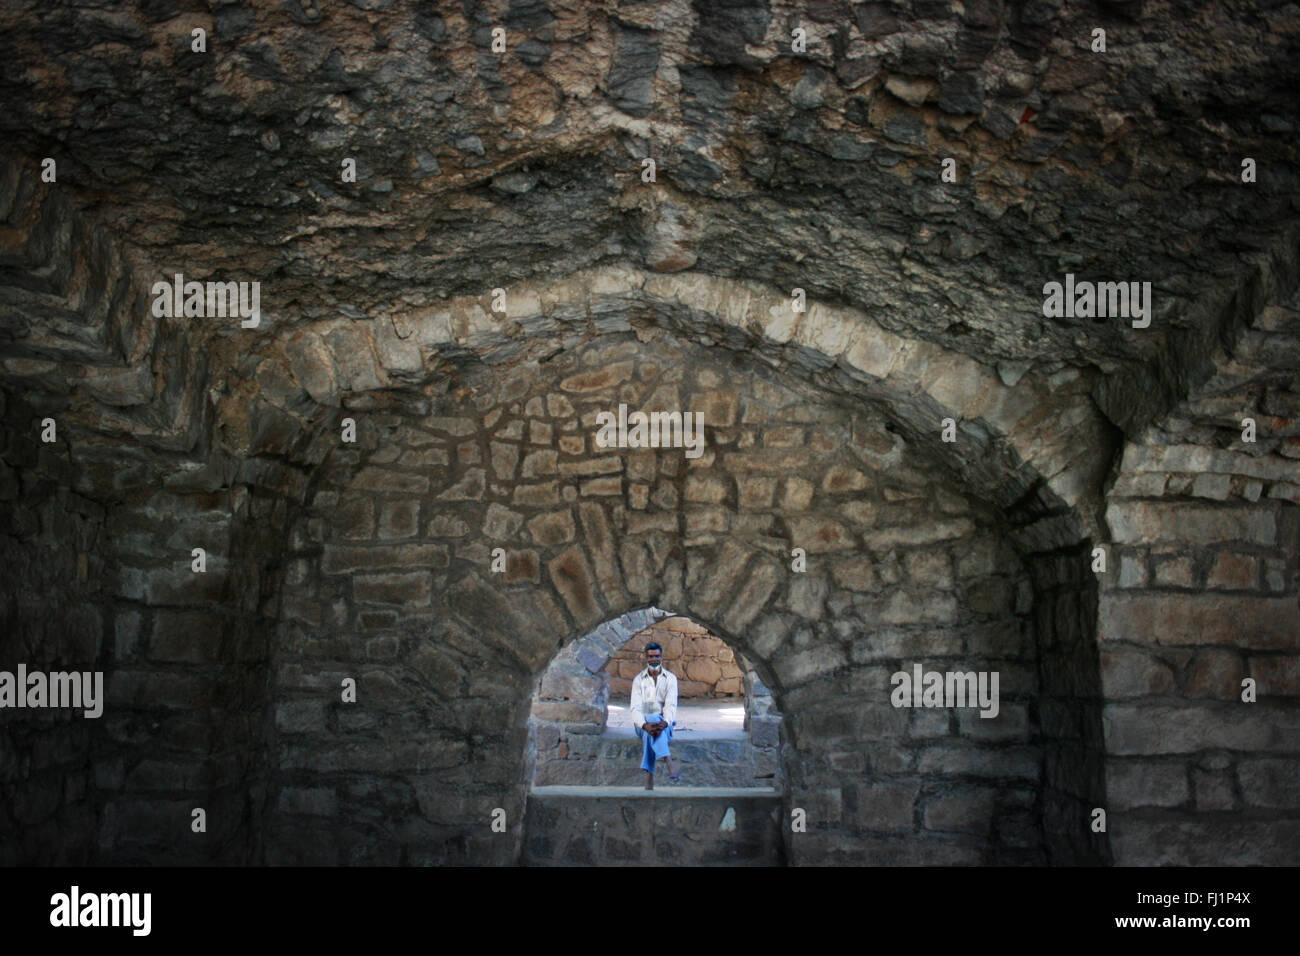 Uomo seduto all'interno di fort di Hyderabad, India Immagini Stock